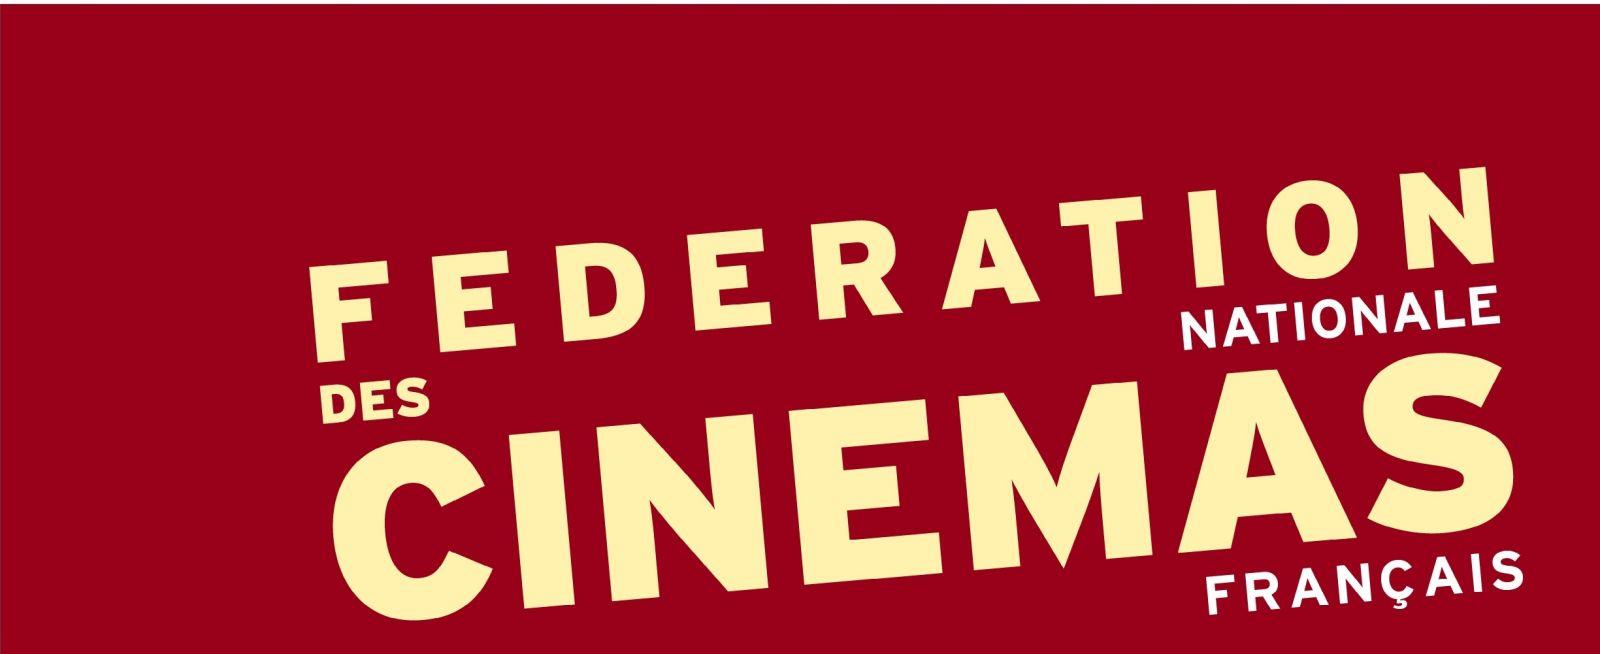 Cinema show FNCN in France